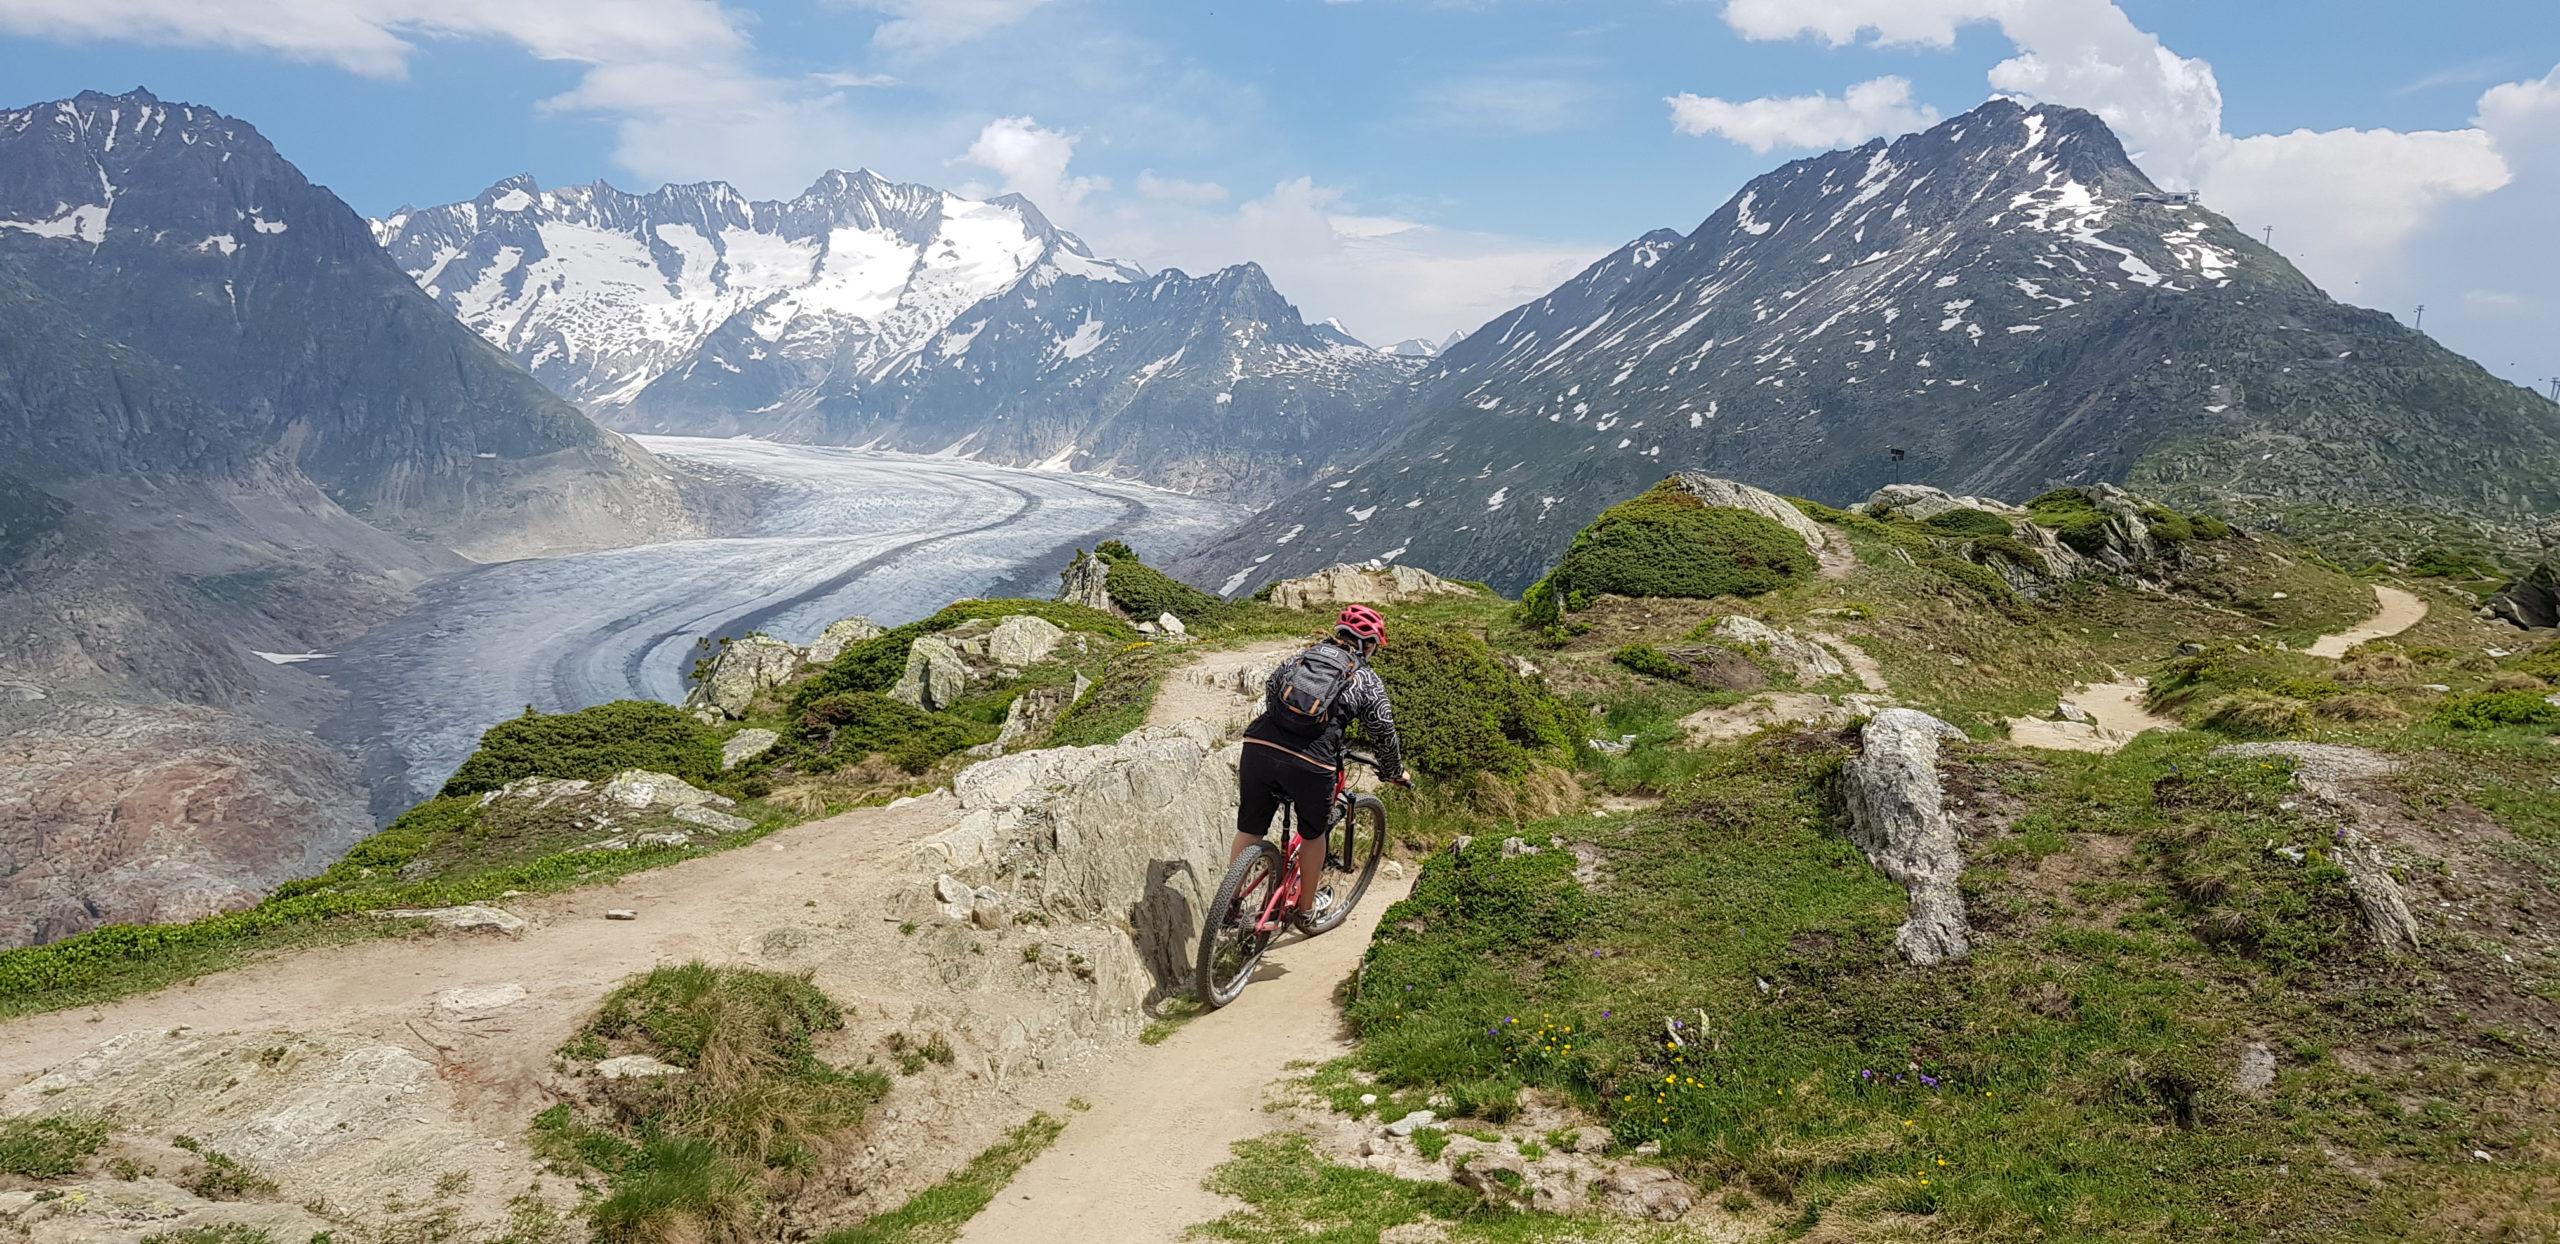 Patrizia Kummer bikt den Trail des Stoneman Glaciara. Im Hintergrund ist der majestätische Aletsch Gletscher als Kulisse einfach beeindruckend.